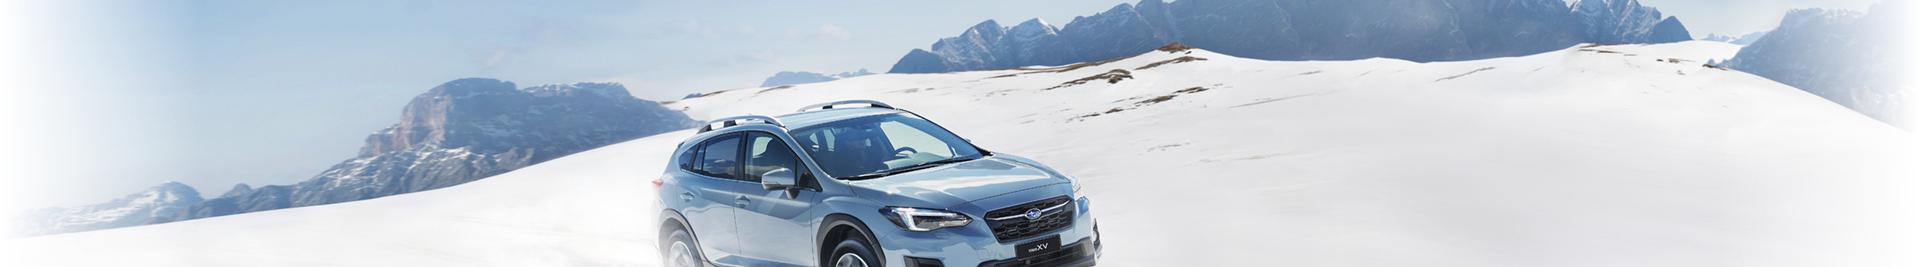 Bezpieczna zima z Subaru